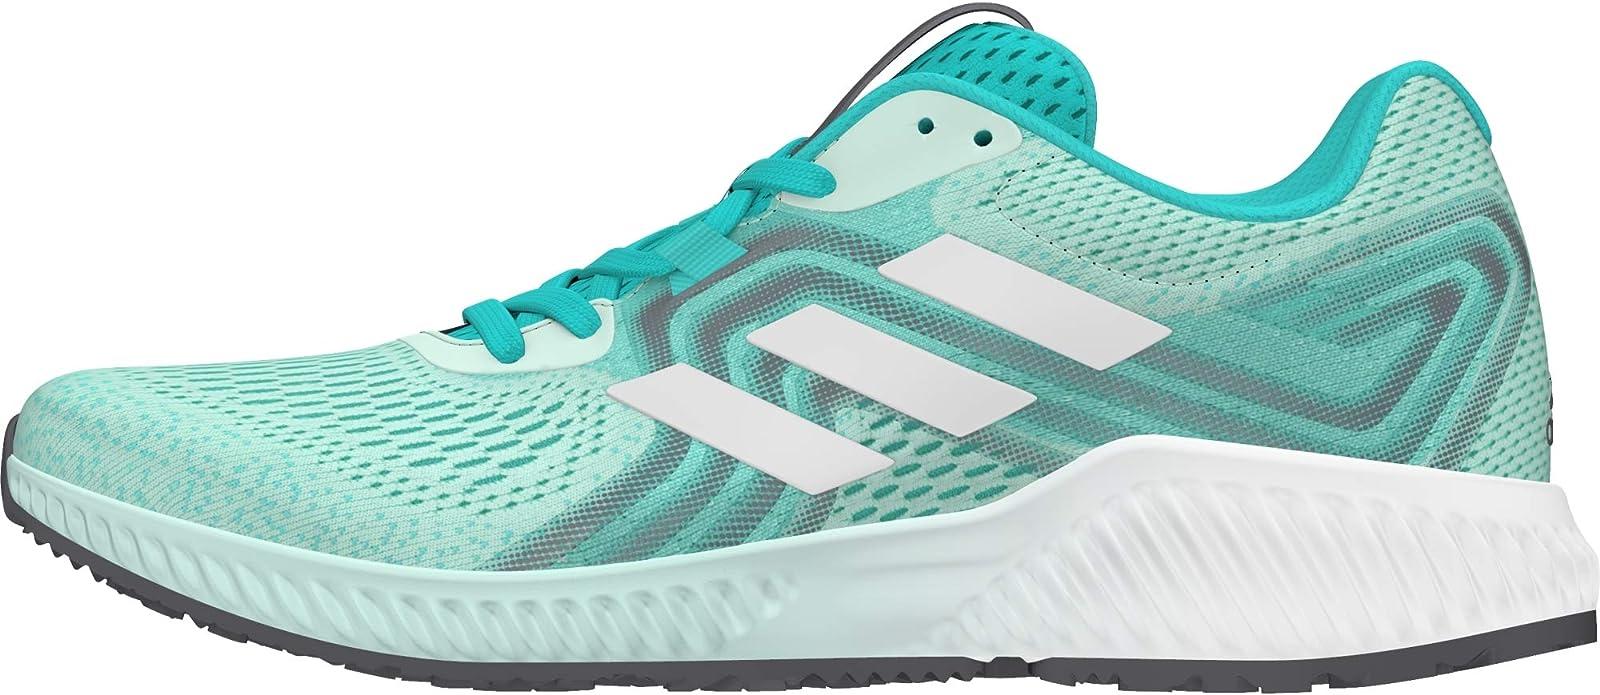 adidas Aerobounce 2 W, Zapatillas de Trail Running para Mujer: Amazon.es: Zapatos y complementos